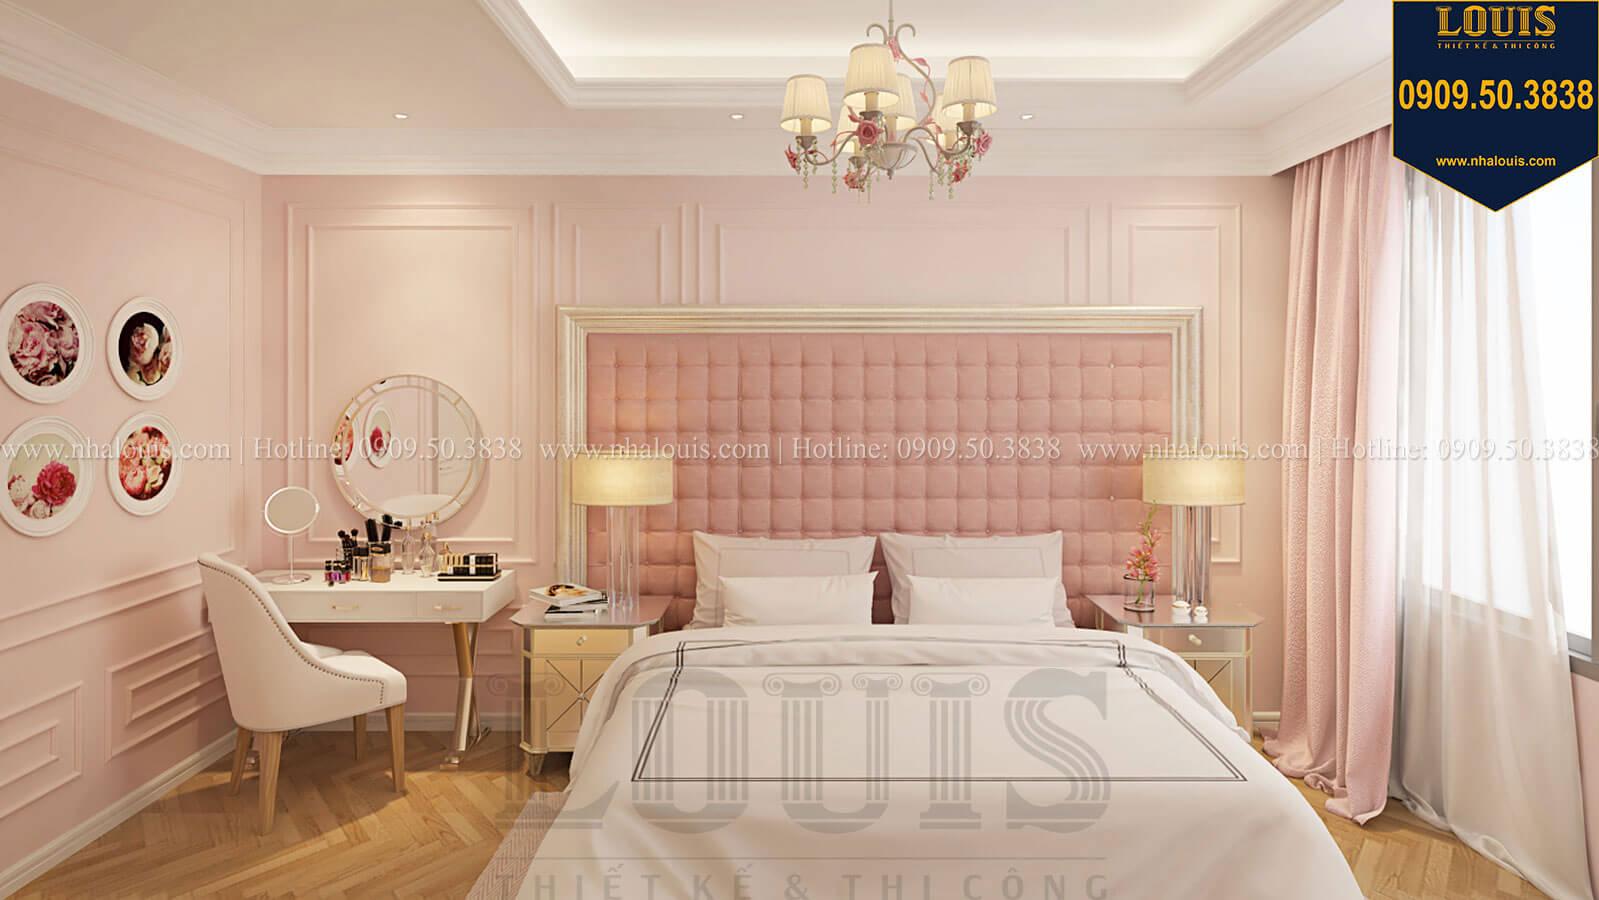 Phòng ngủ con gái Nhà đơn giản nhưng tinh tế với không gian mở tại Tân Bình - 28